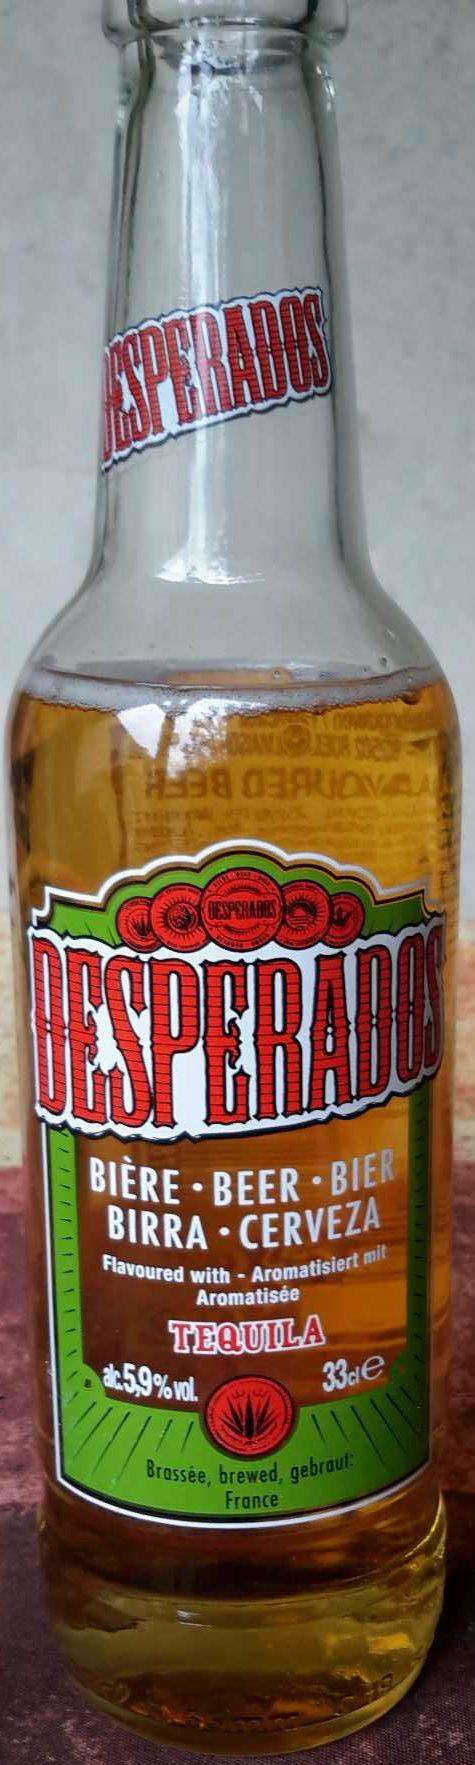 Desperados,Heineken - Product - fr